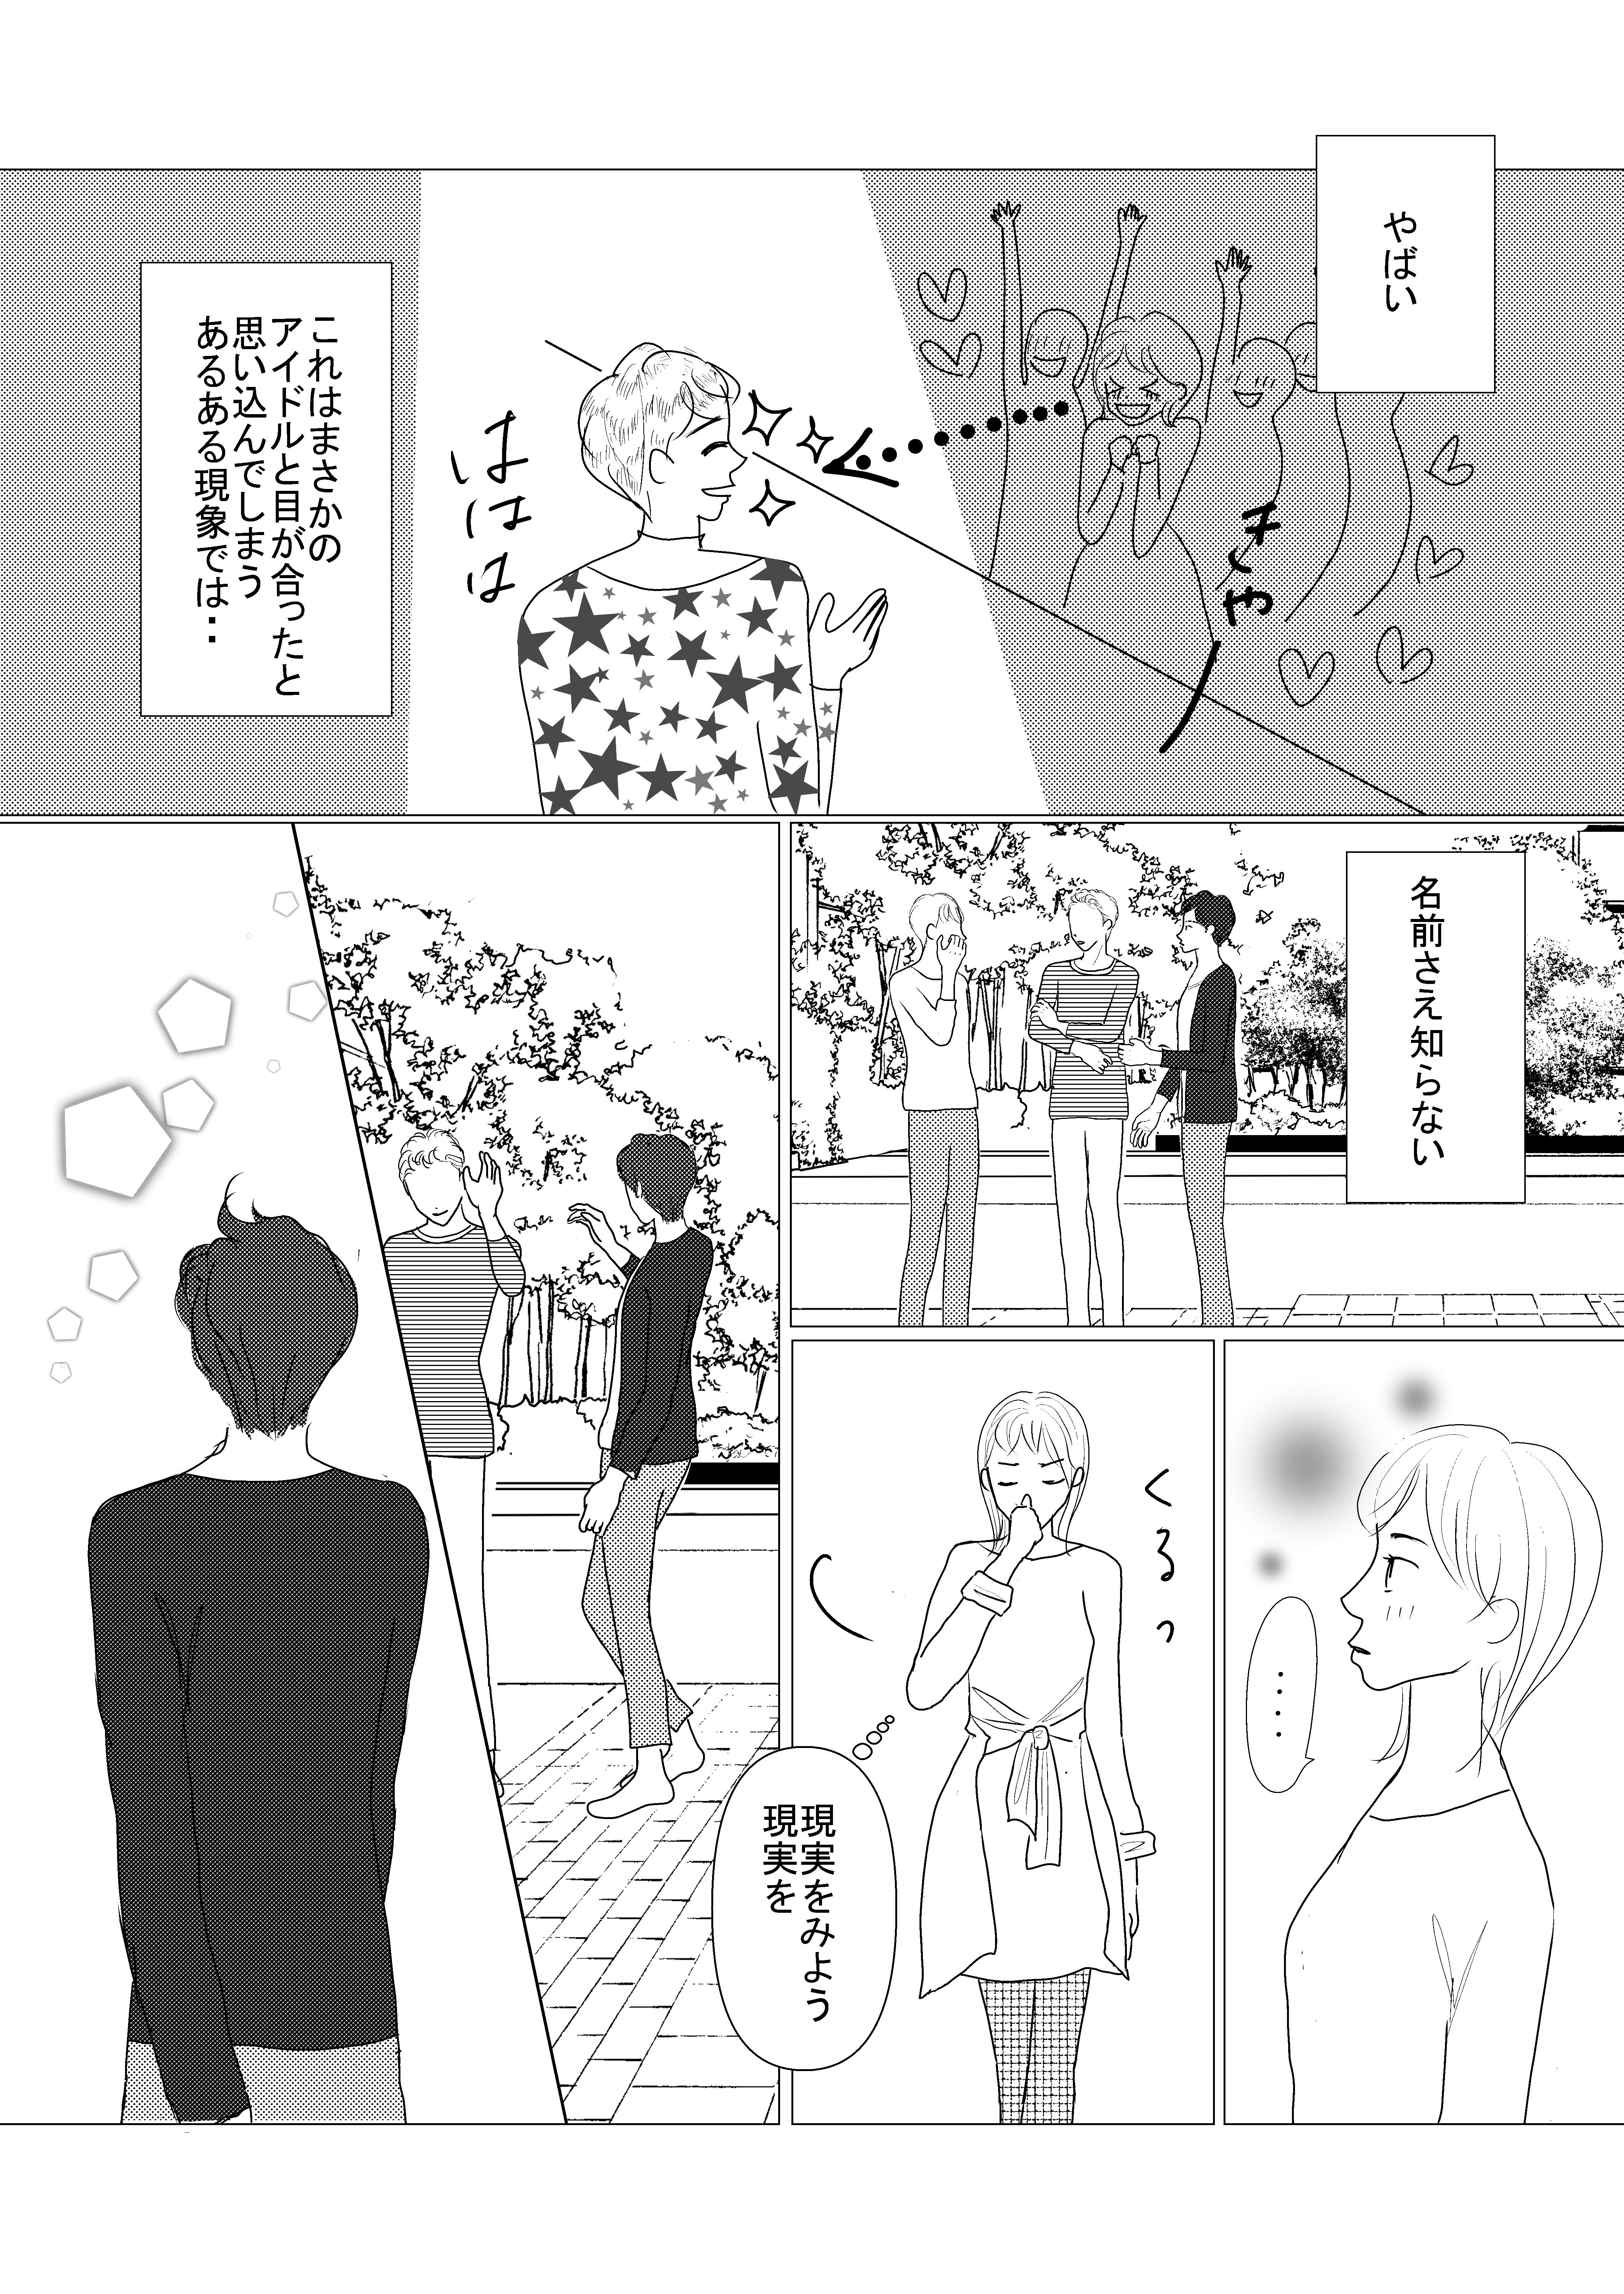 恋愛漫画/大学生/社会人/大学生で初めて付き合う/shoujyo manga/米加夢/32ページ